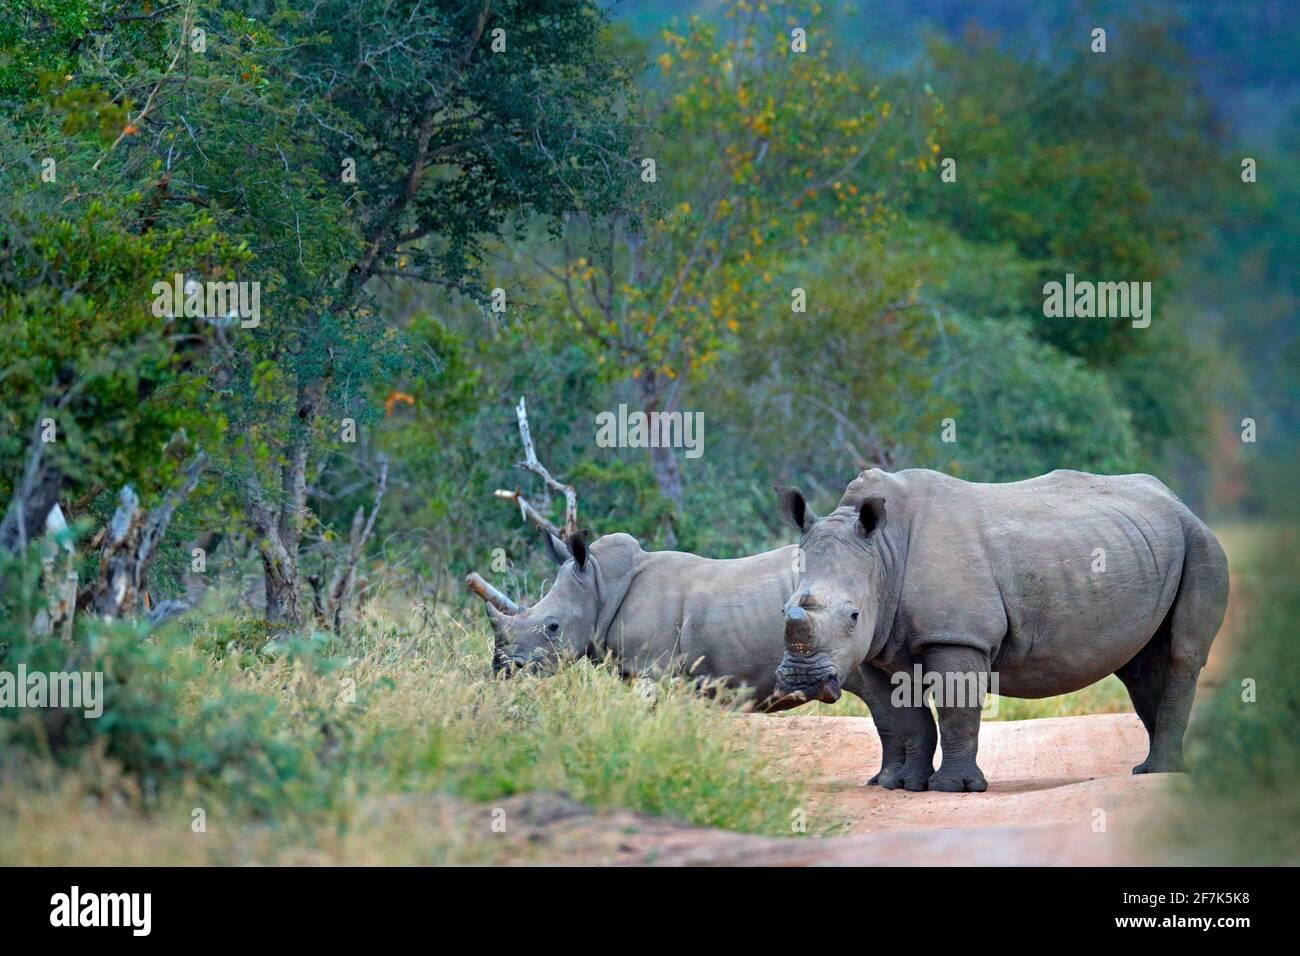 Rhino dans l'habitat forestier. Deux rhinocéros blancs, Ceratotherium simum, avec cornes coupées, dans l'habitat naturel, le parc national Kruger. Afrique. La faune et la flore Banque D'Images